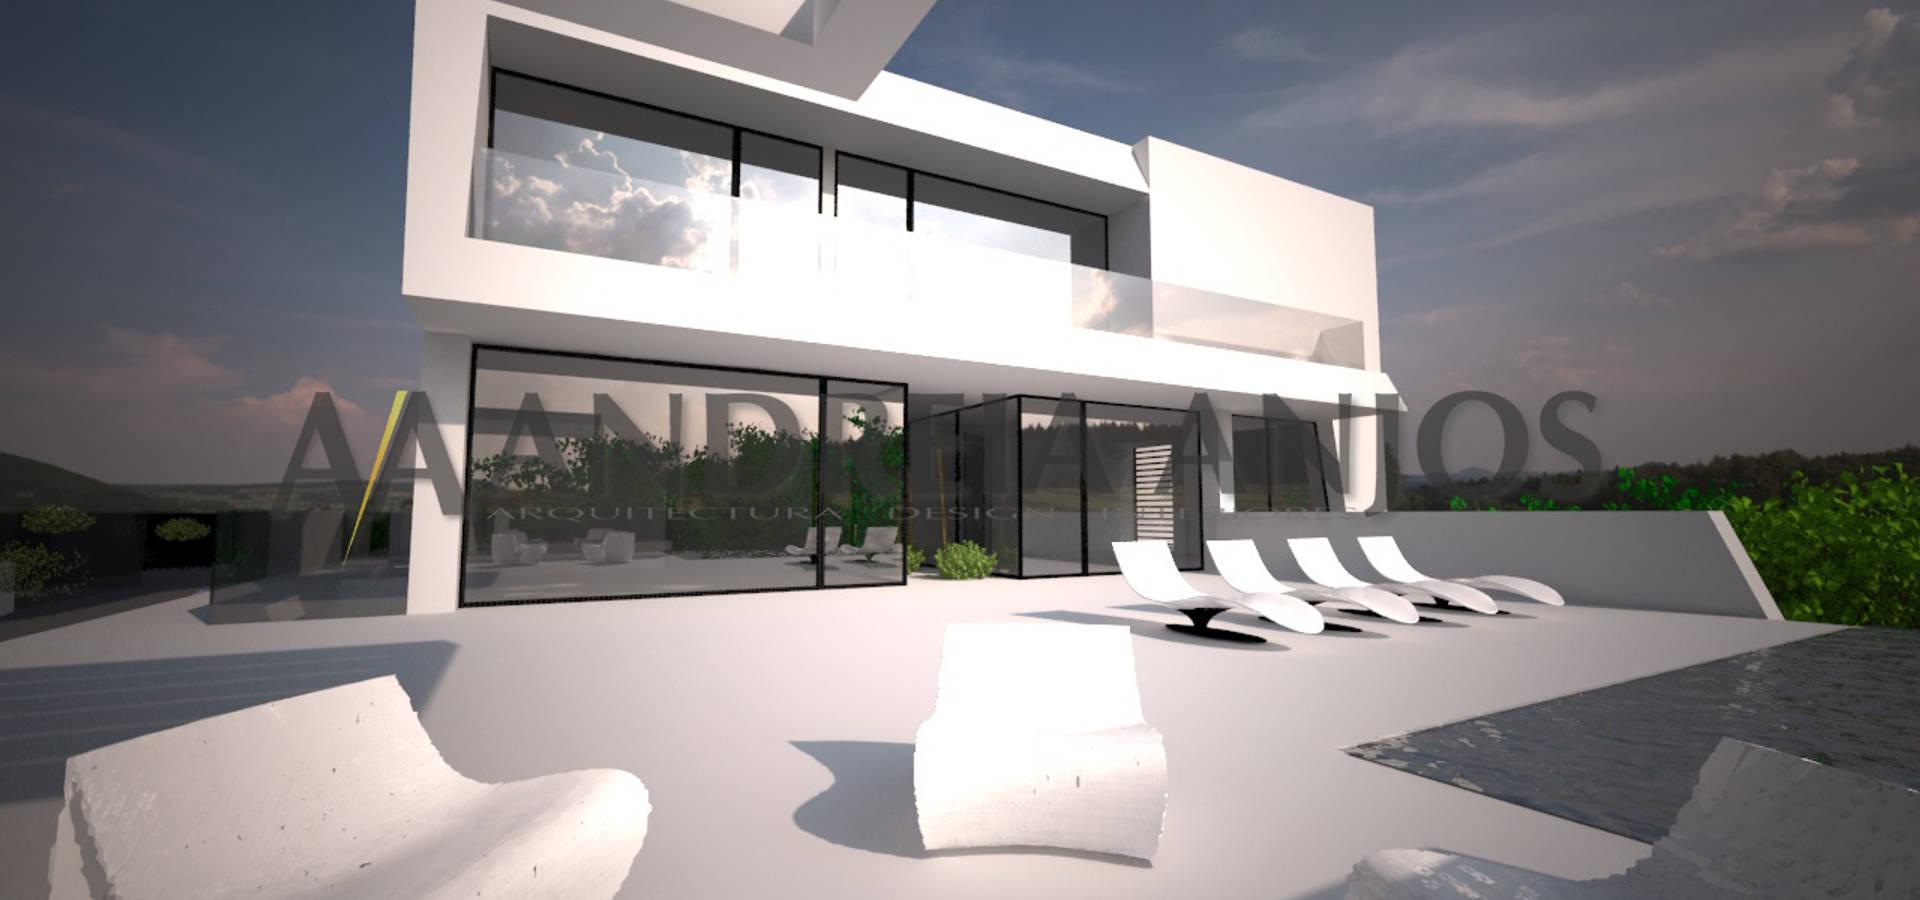 Andreia Anjos—Arquitectura, Design e Construção